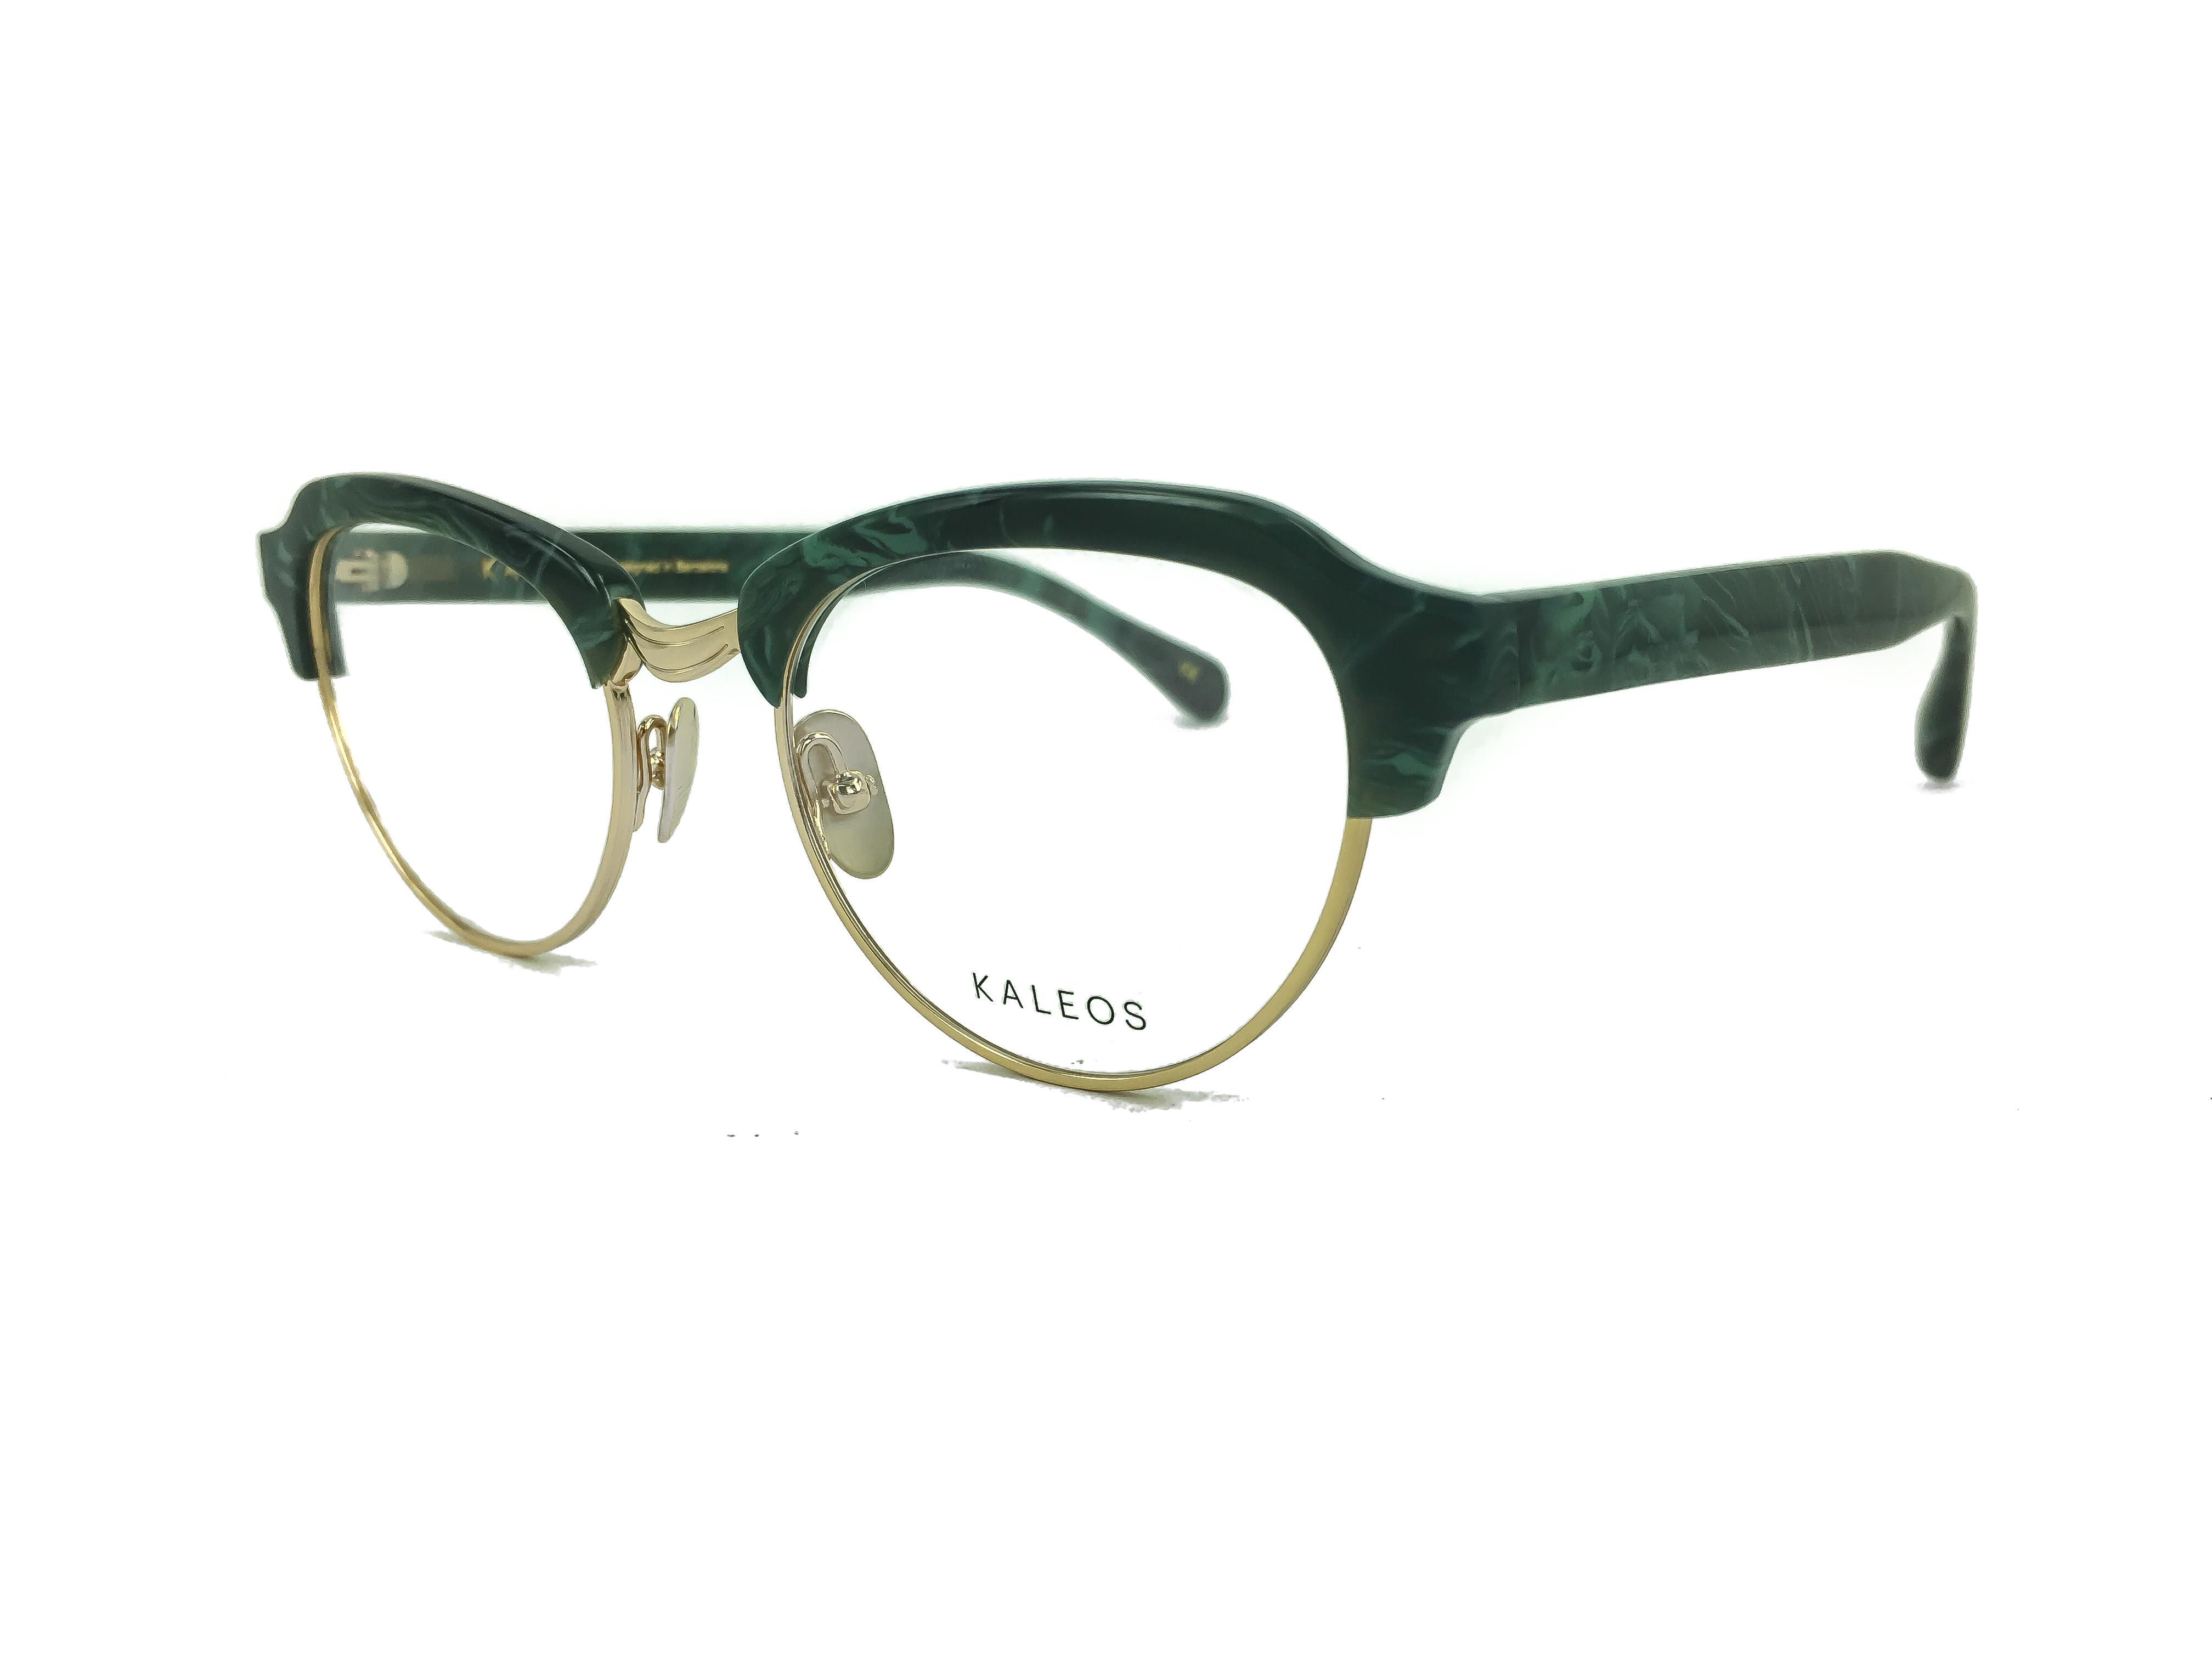 6c14feef3e Τα γυαλιά οράσεως KALEOS COLLINS C-004 χαρίζουν ιδιαίτερο στυλ και είναι  ιδανικά για γυναίκες κάθε ηλικίας που αναζητούν κάτι διαφορετικό.